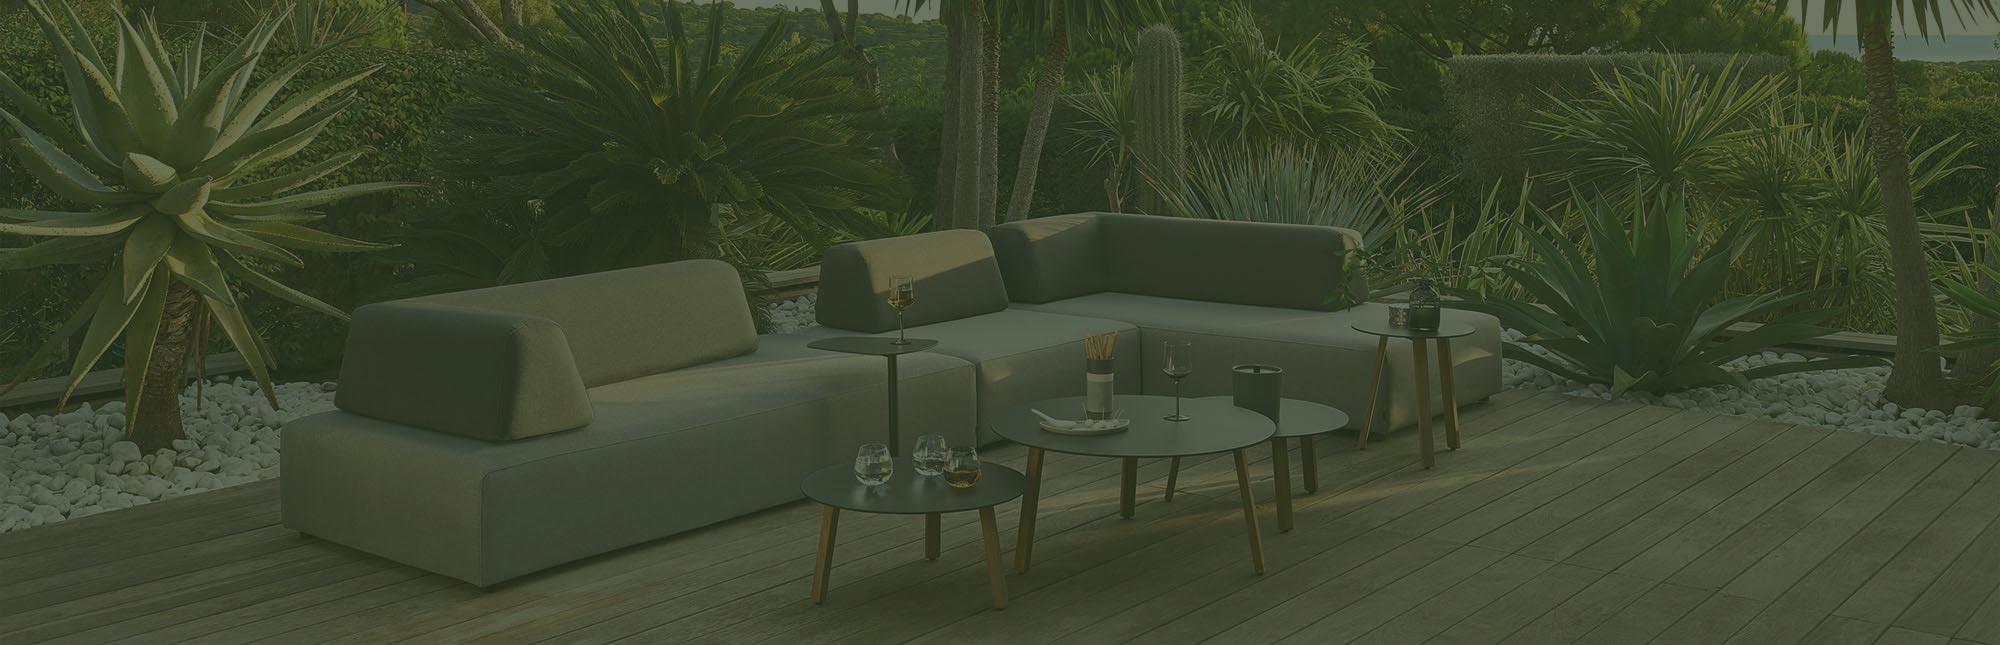 massivholz- & gartenmöbel | 4m massivholz-möbel tübingen